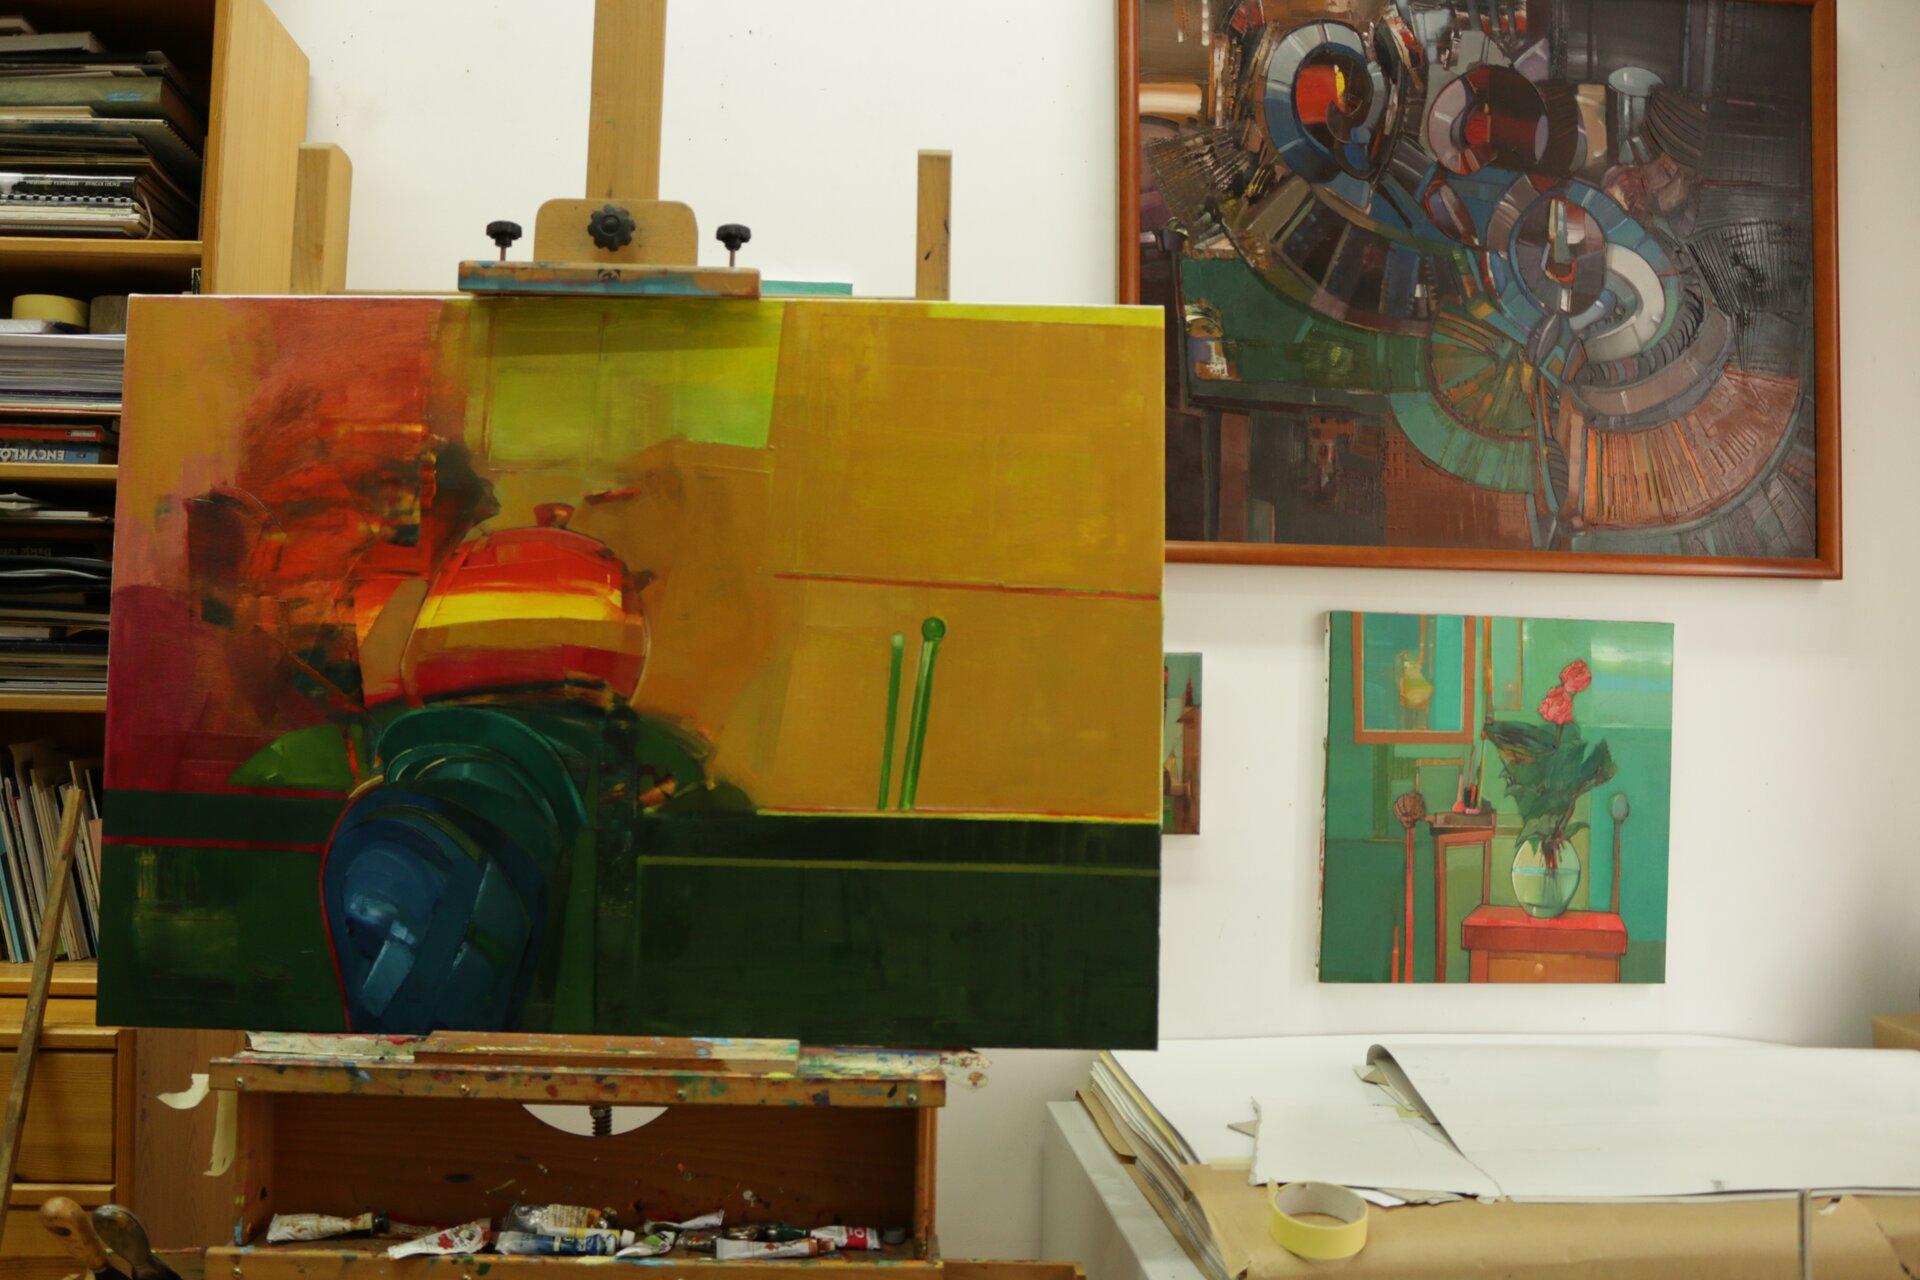 Ilustracja przedstawia fragment wnętrza pracowni malarskiej. Wcentrum kadru znajduje się sztaluga zabstrakcyjnym obrazem olejnym wżółto-czerwono-zielonej tonacji. Za nim ustawiony jest wysoki regał zksiążkami. Po prawej stronie stoi niska biała szafka zleżącą na niej szarą teczką zrysunkami. Na białych ścianach pomieszczenia wiszą kolorowe obrazy.